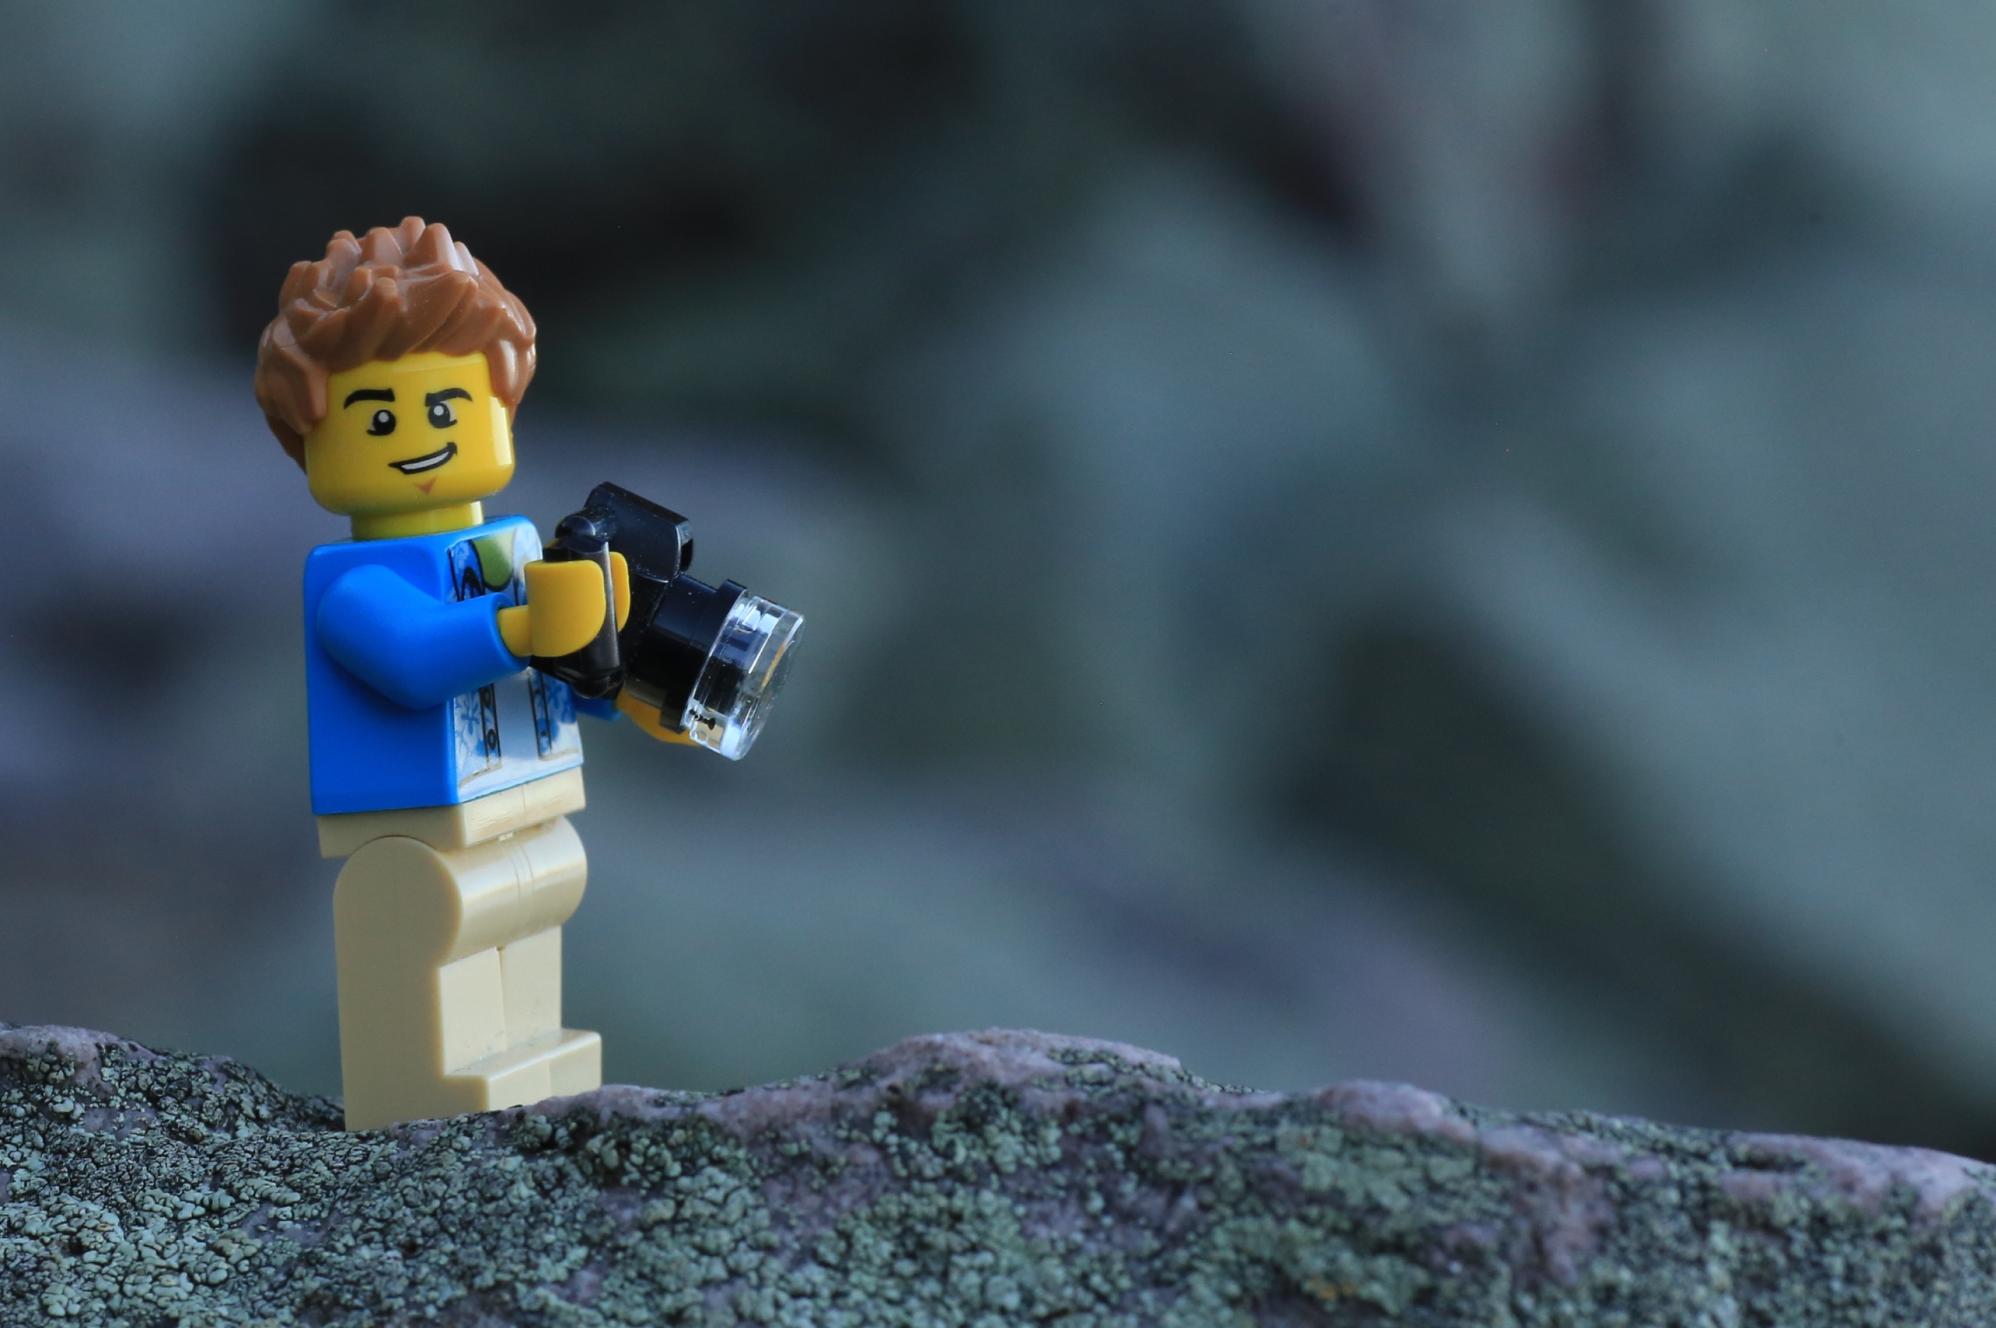 LEGO minifigure holding a camera